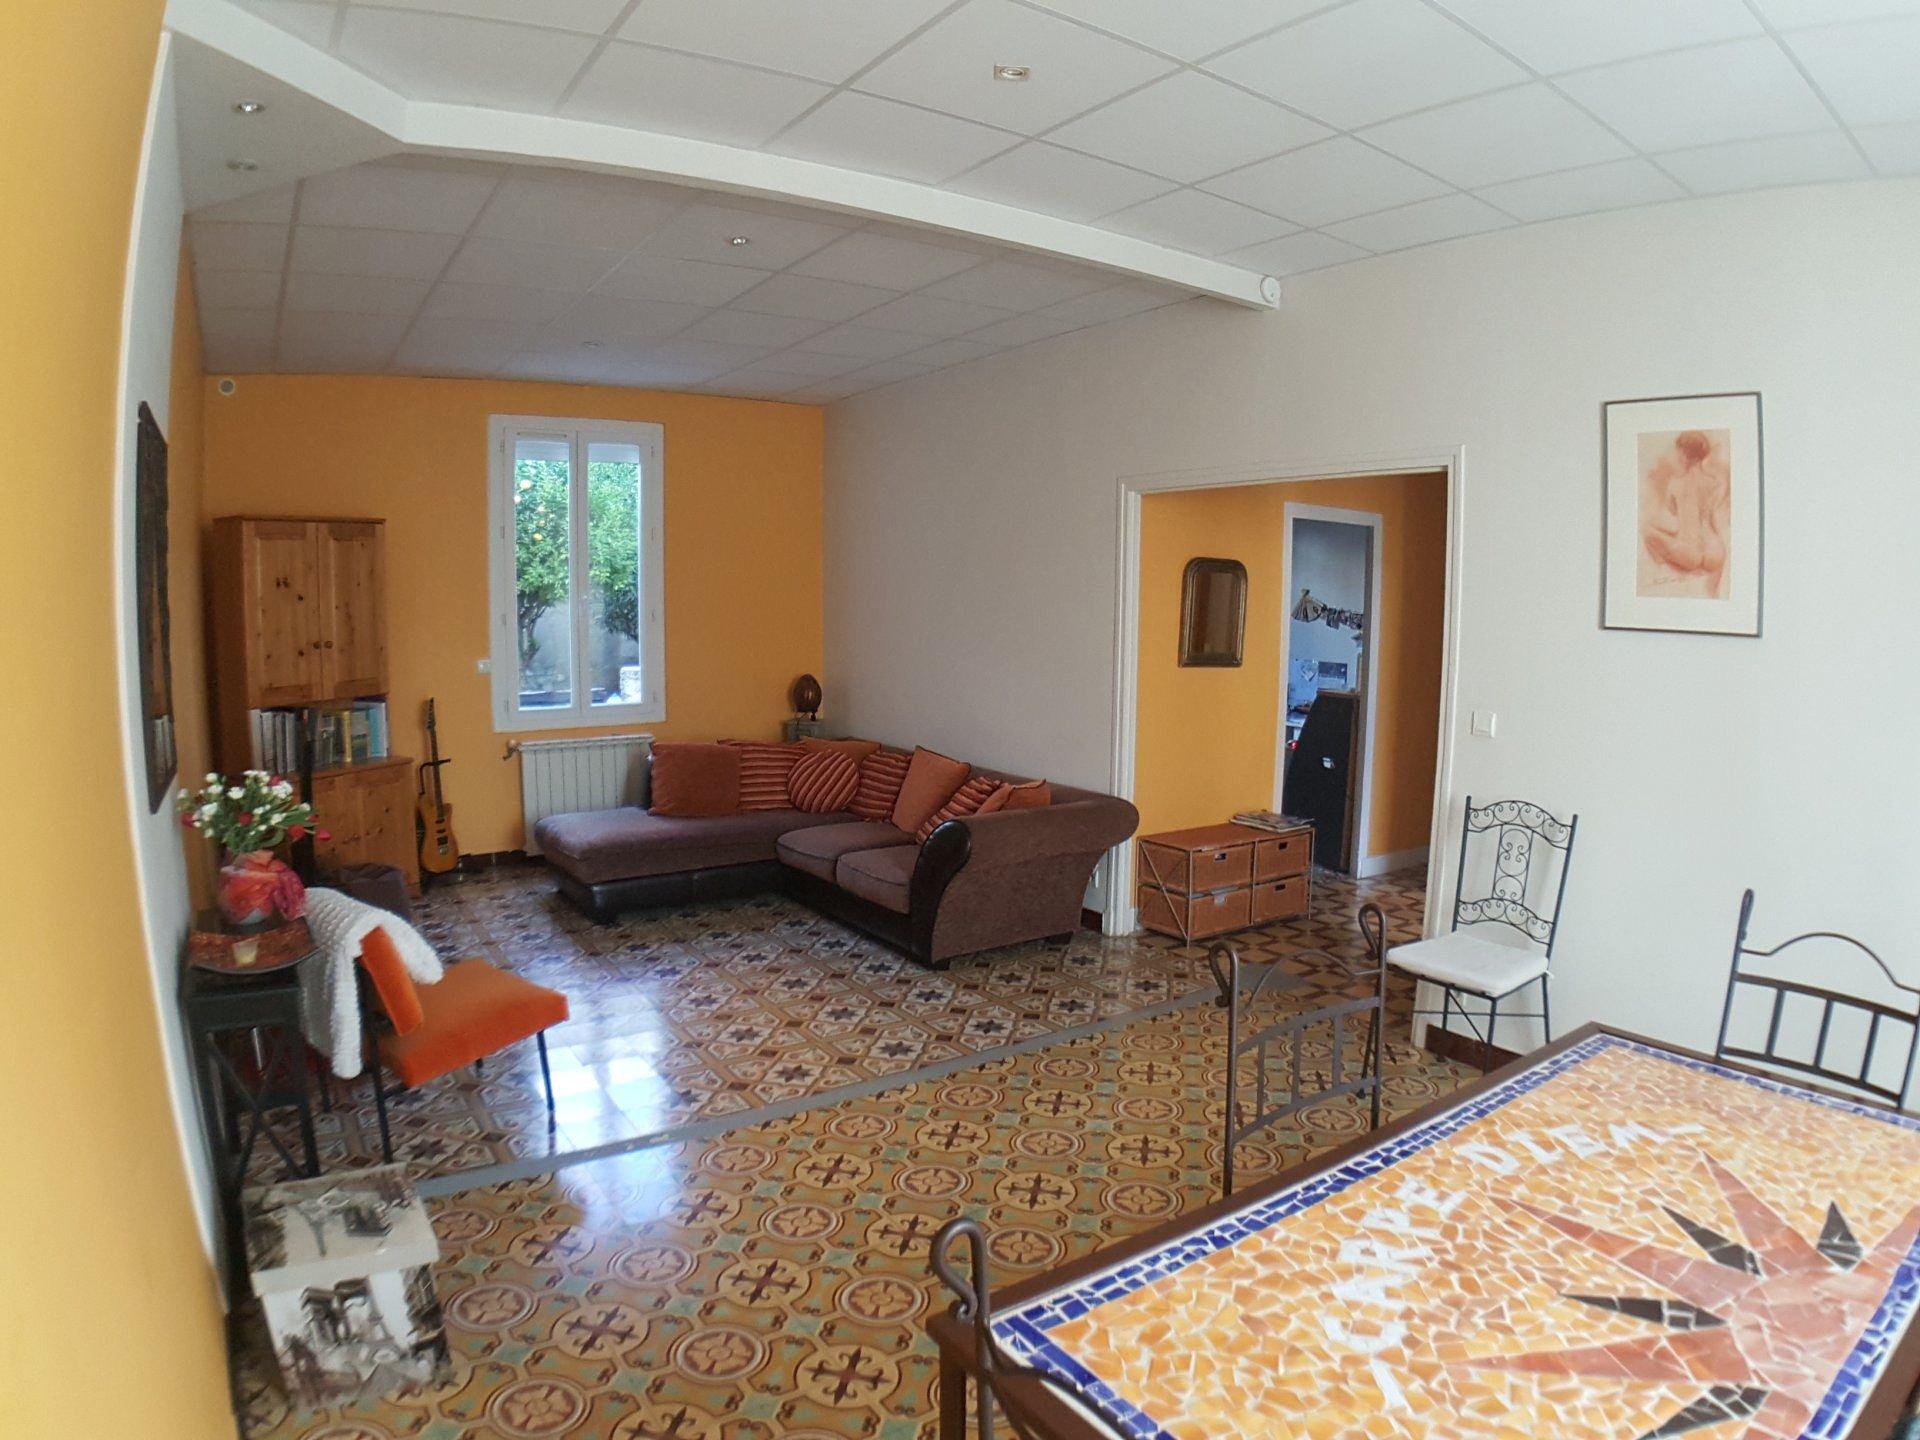 Perpignan quartier sud-est.Très grande maison de ville de caractère avec jardin et garage